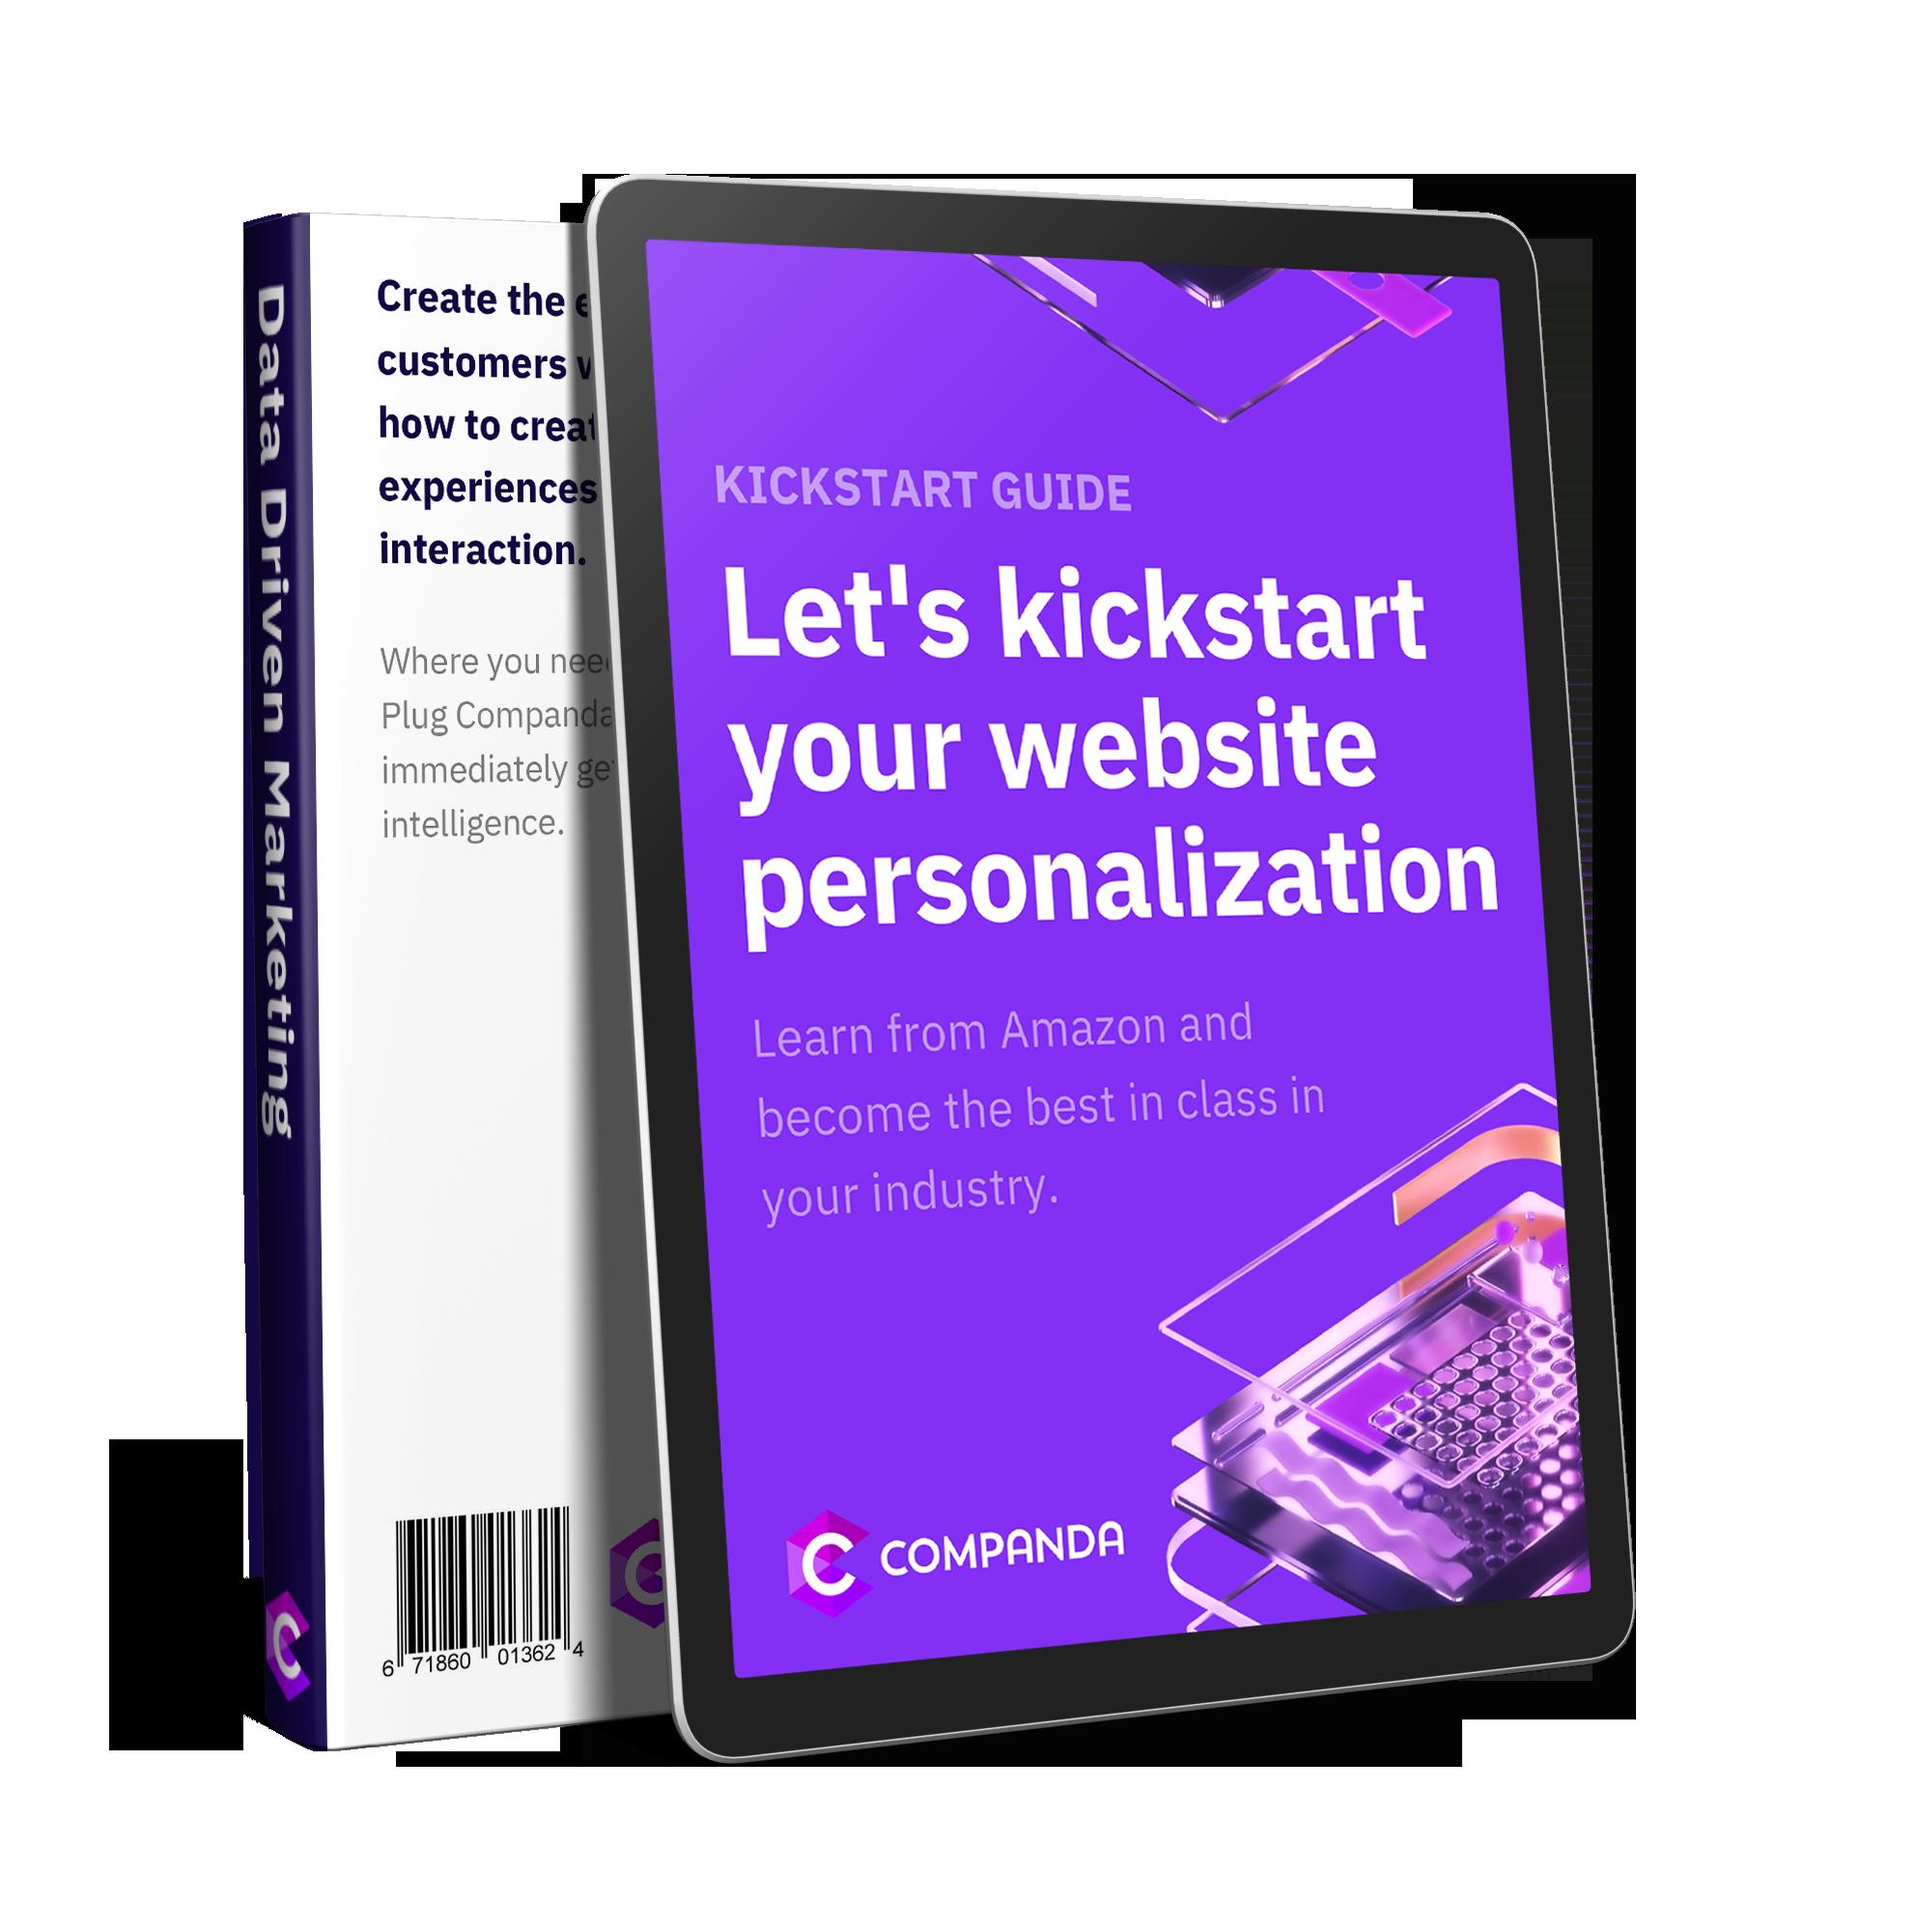 website personalization ebook